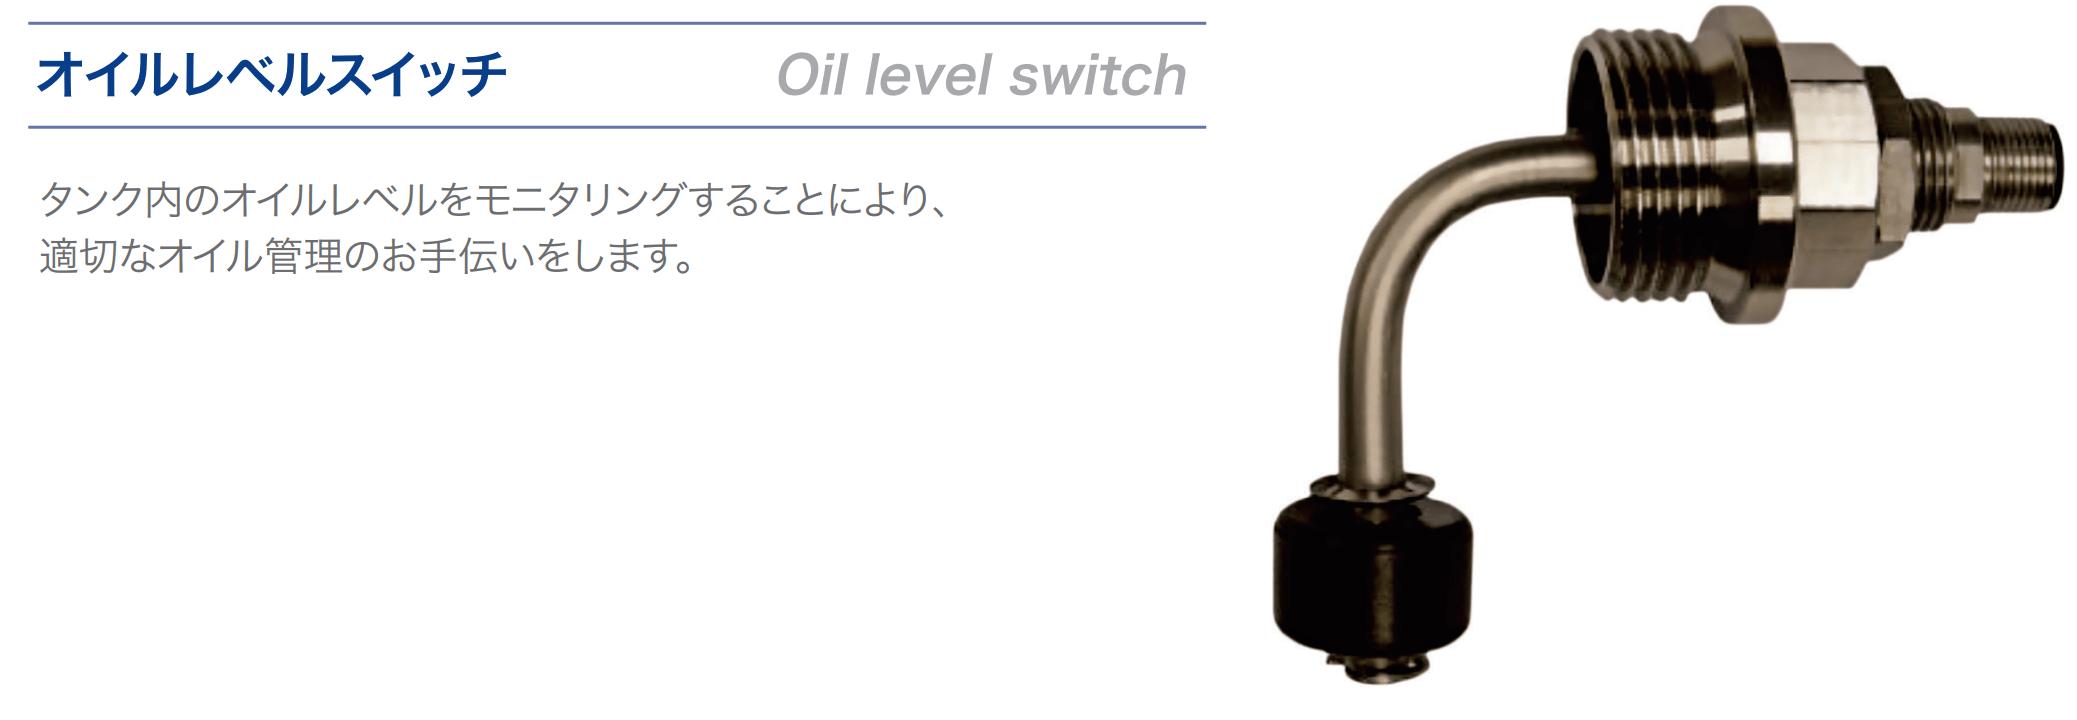 オイル潤滑式真空ポンプのオイルレベルをモニタリング